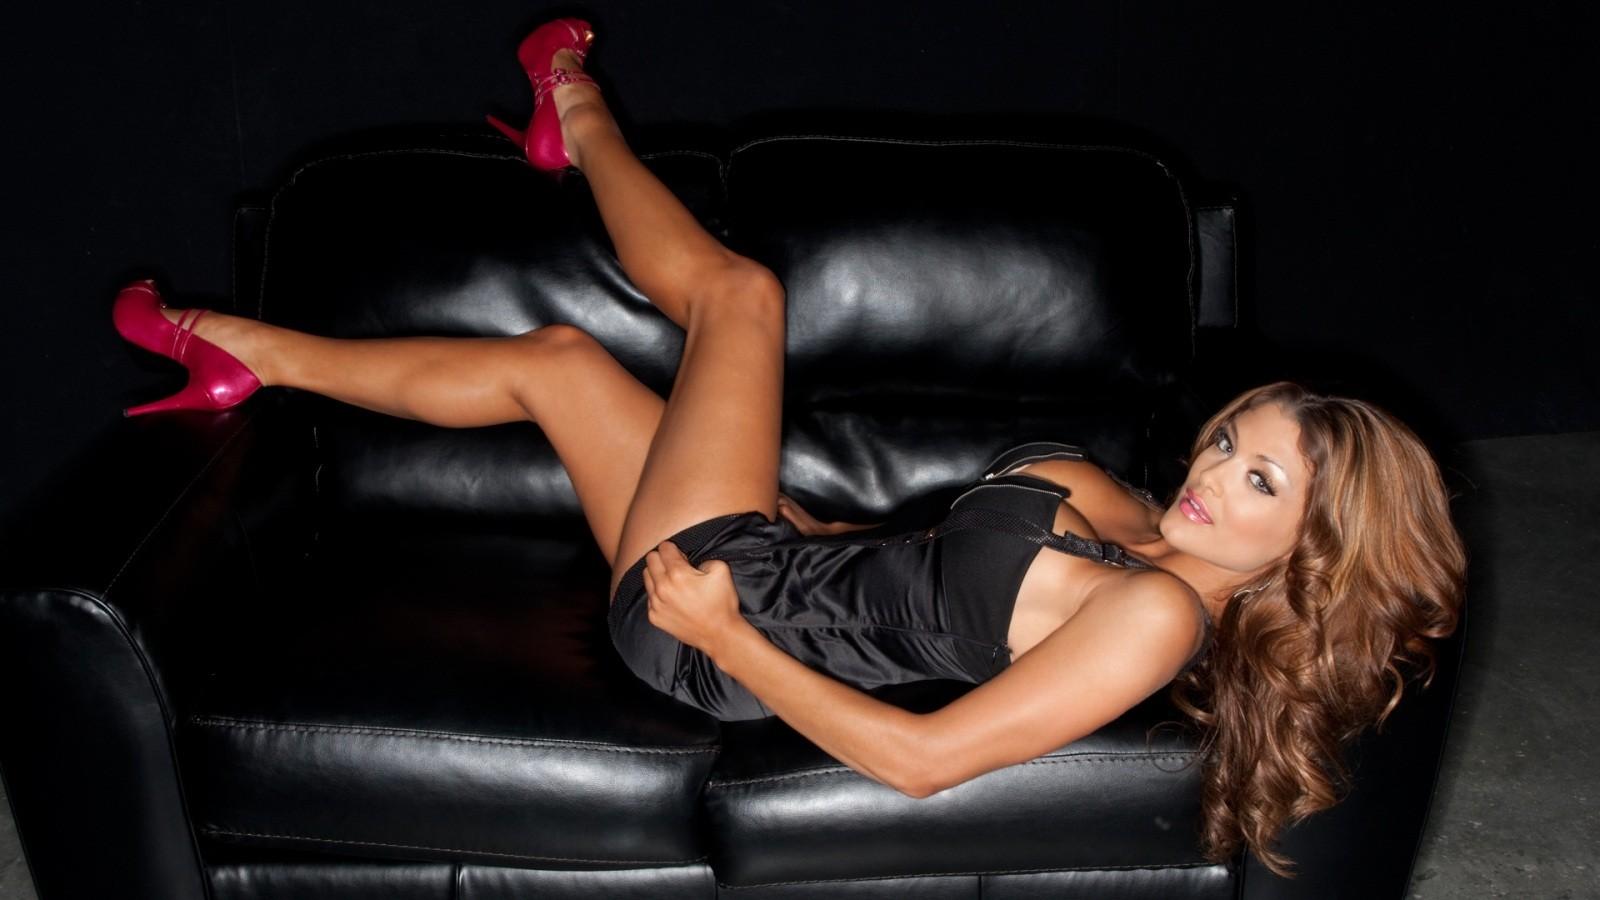 http://4.bp.blogspot.com/-Xg-VHI8teU8/Tz0m53kJ-PI/AAAAAAAAH54/o73zpm42iPw/s1600/WWE+Eve+Torres+hd+Wallpapers+2012_4.jpg